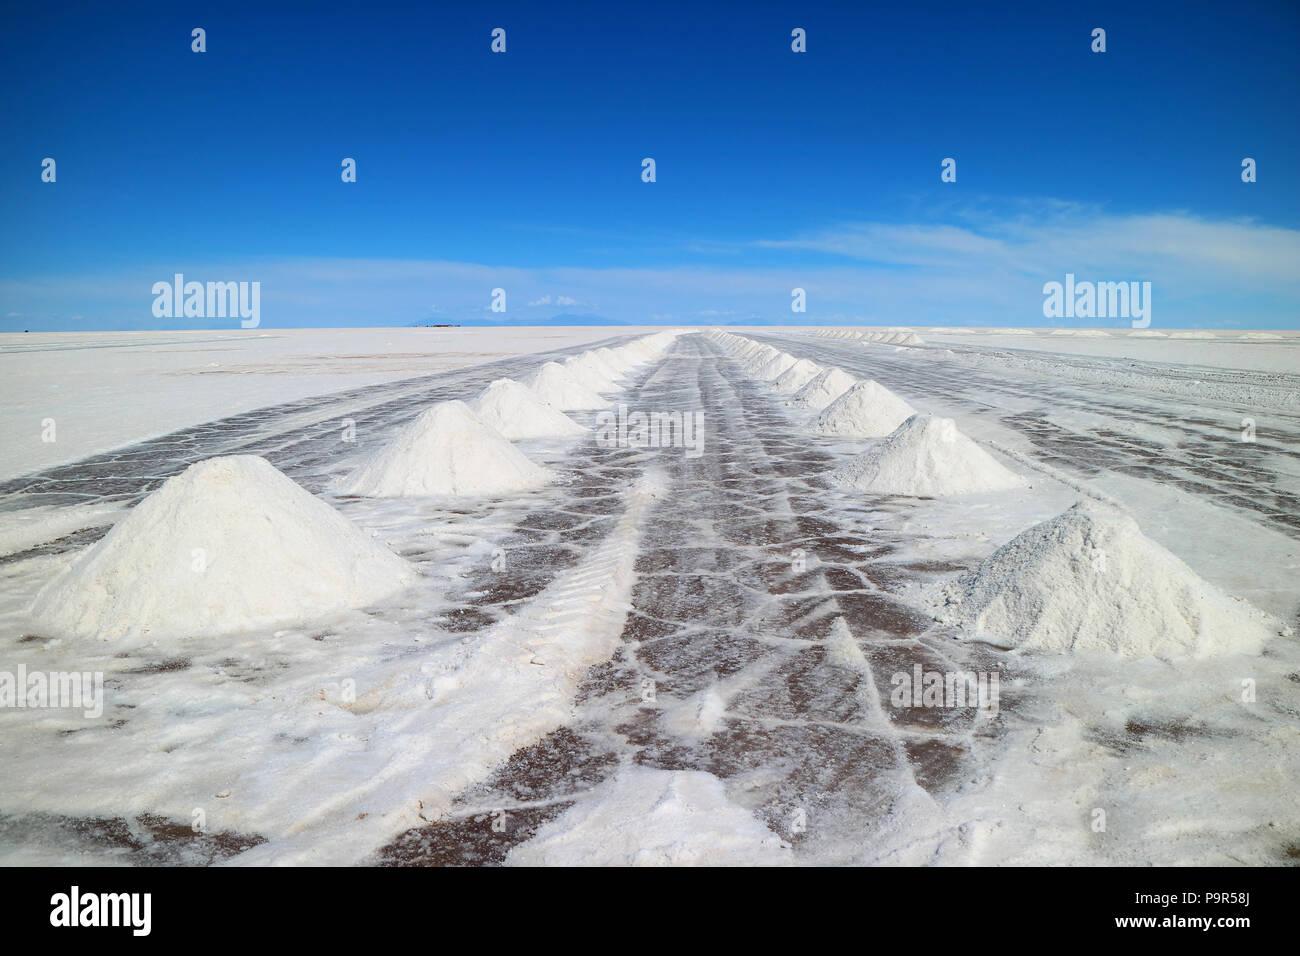 Vue en perspective du séchage sur amas de sels ou d'Uyuni Salar de Uyuni à Potosi, Bolivie, Amérique du Sud Photo Stock